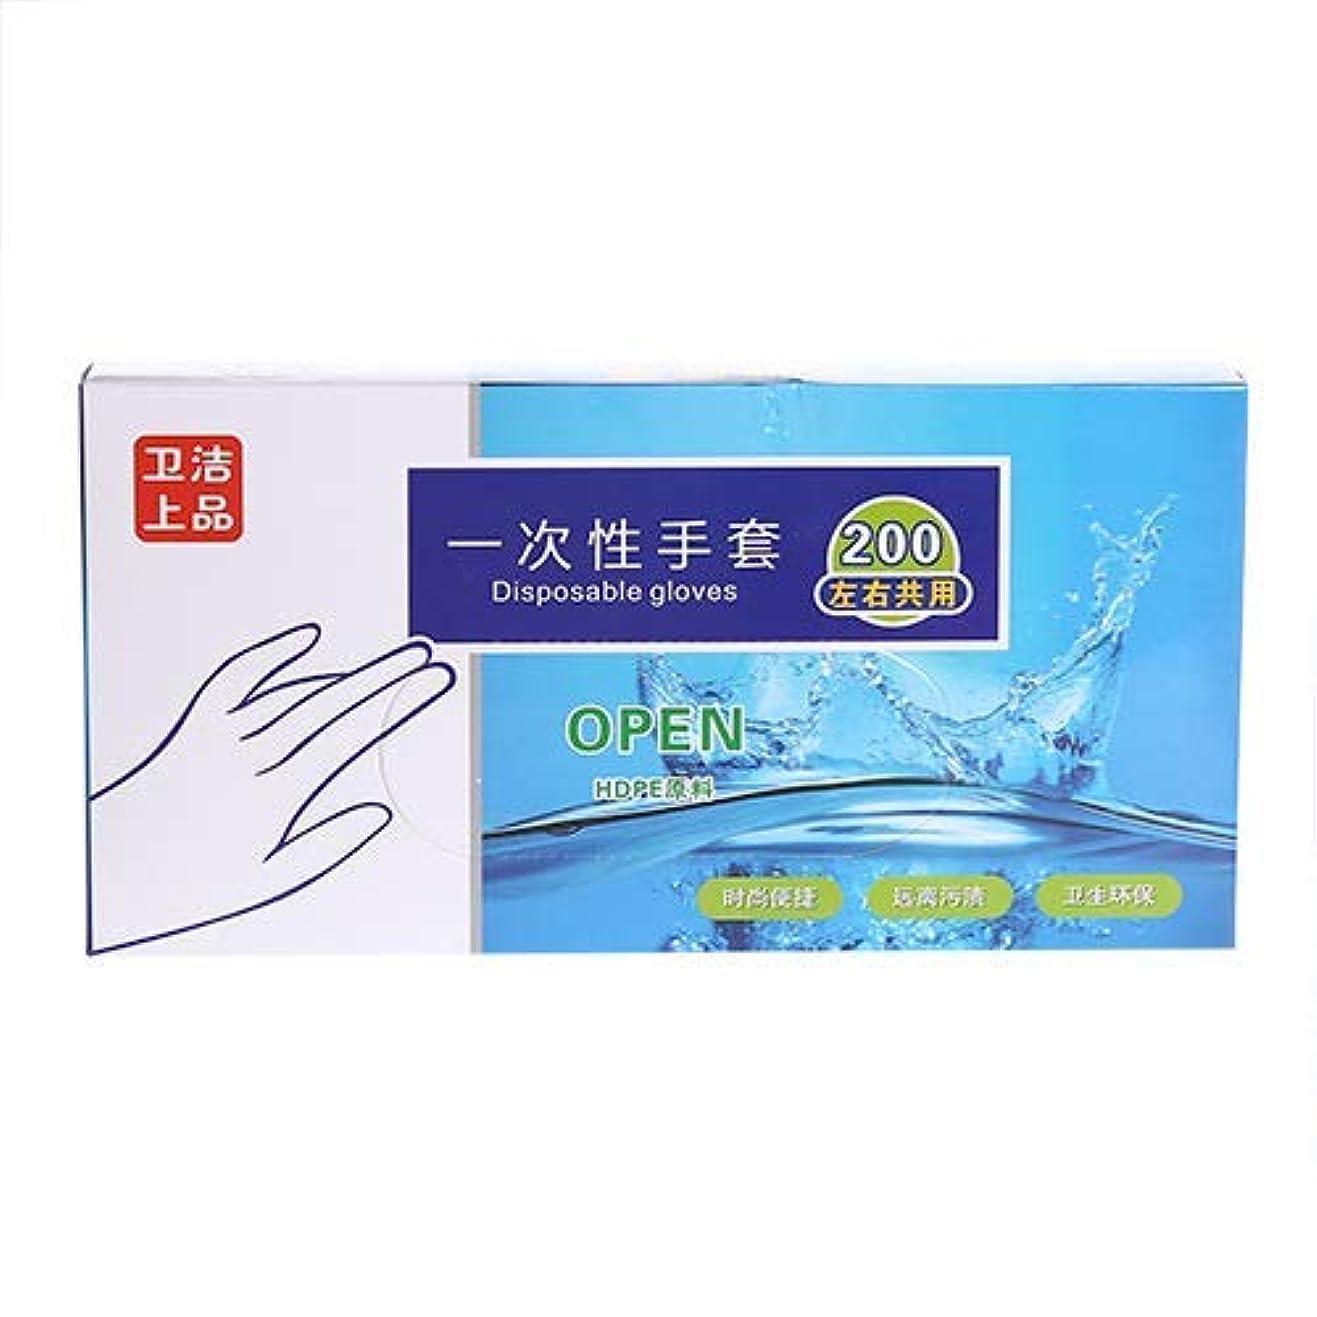 使い捨て手袋 ニトリルグローブ ホワイト 粉なし 100枚入り /200枚入り